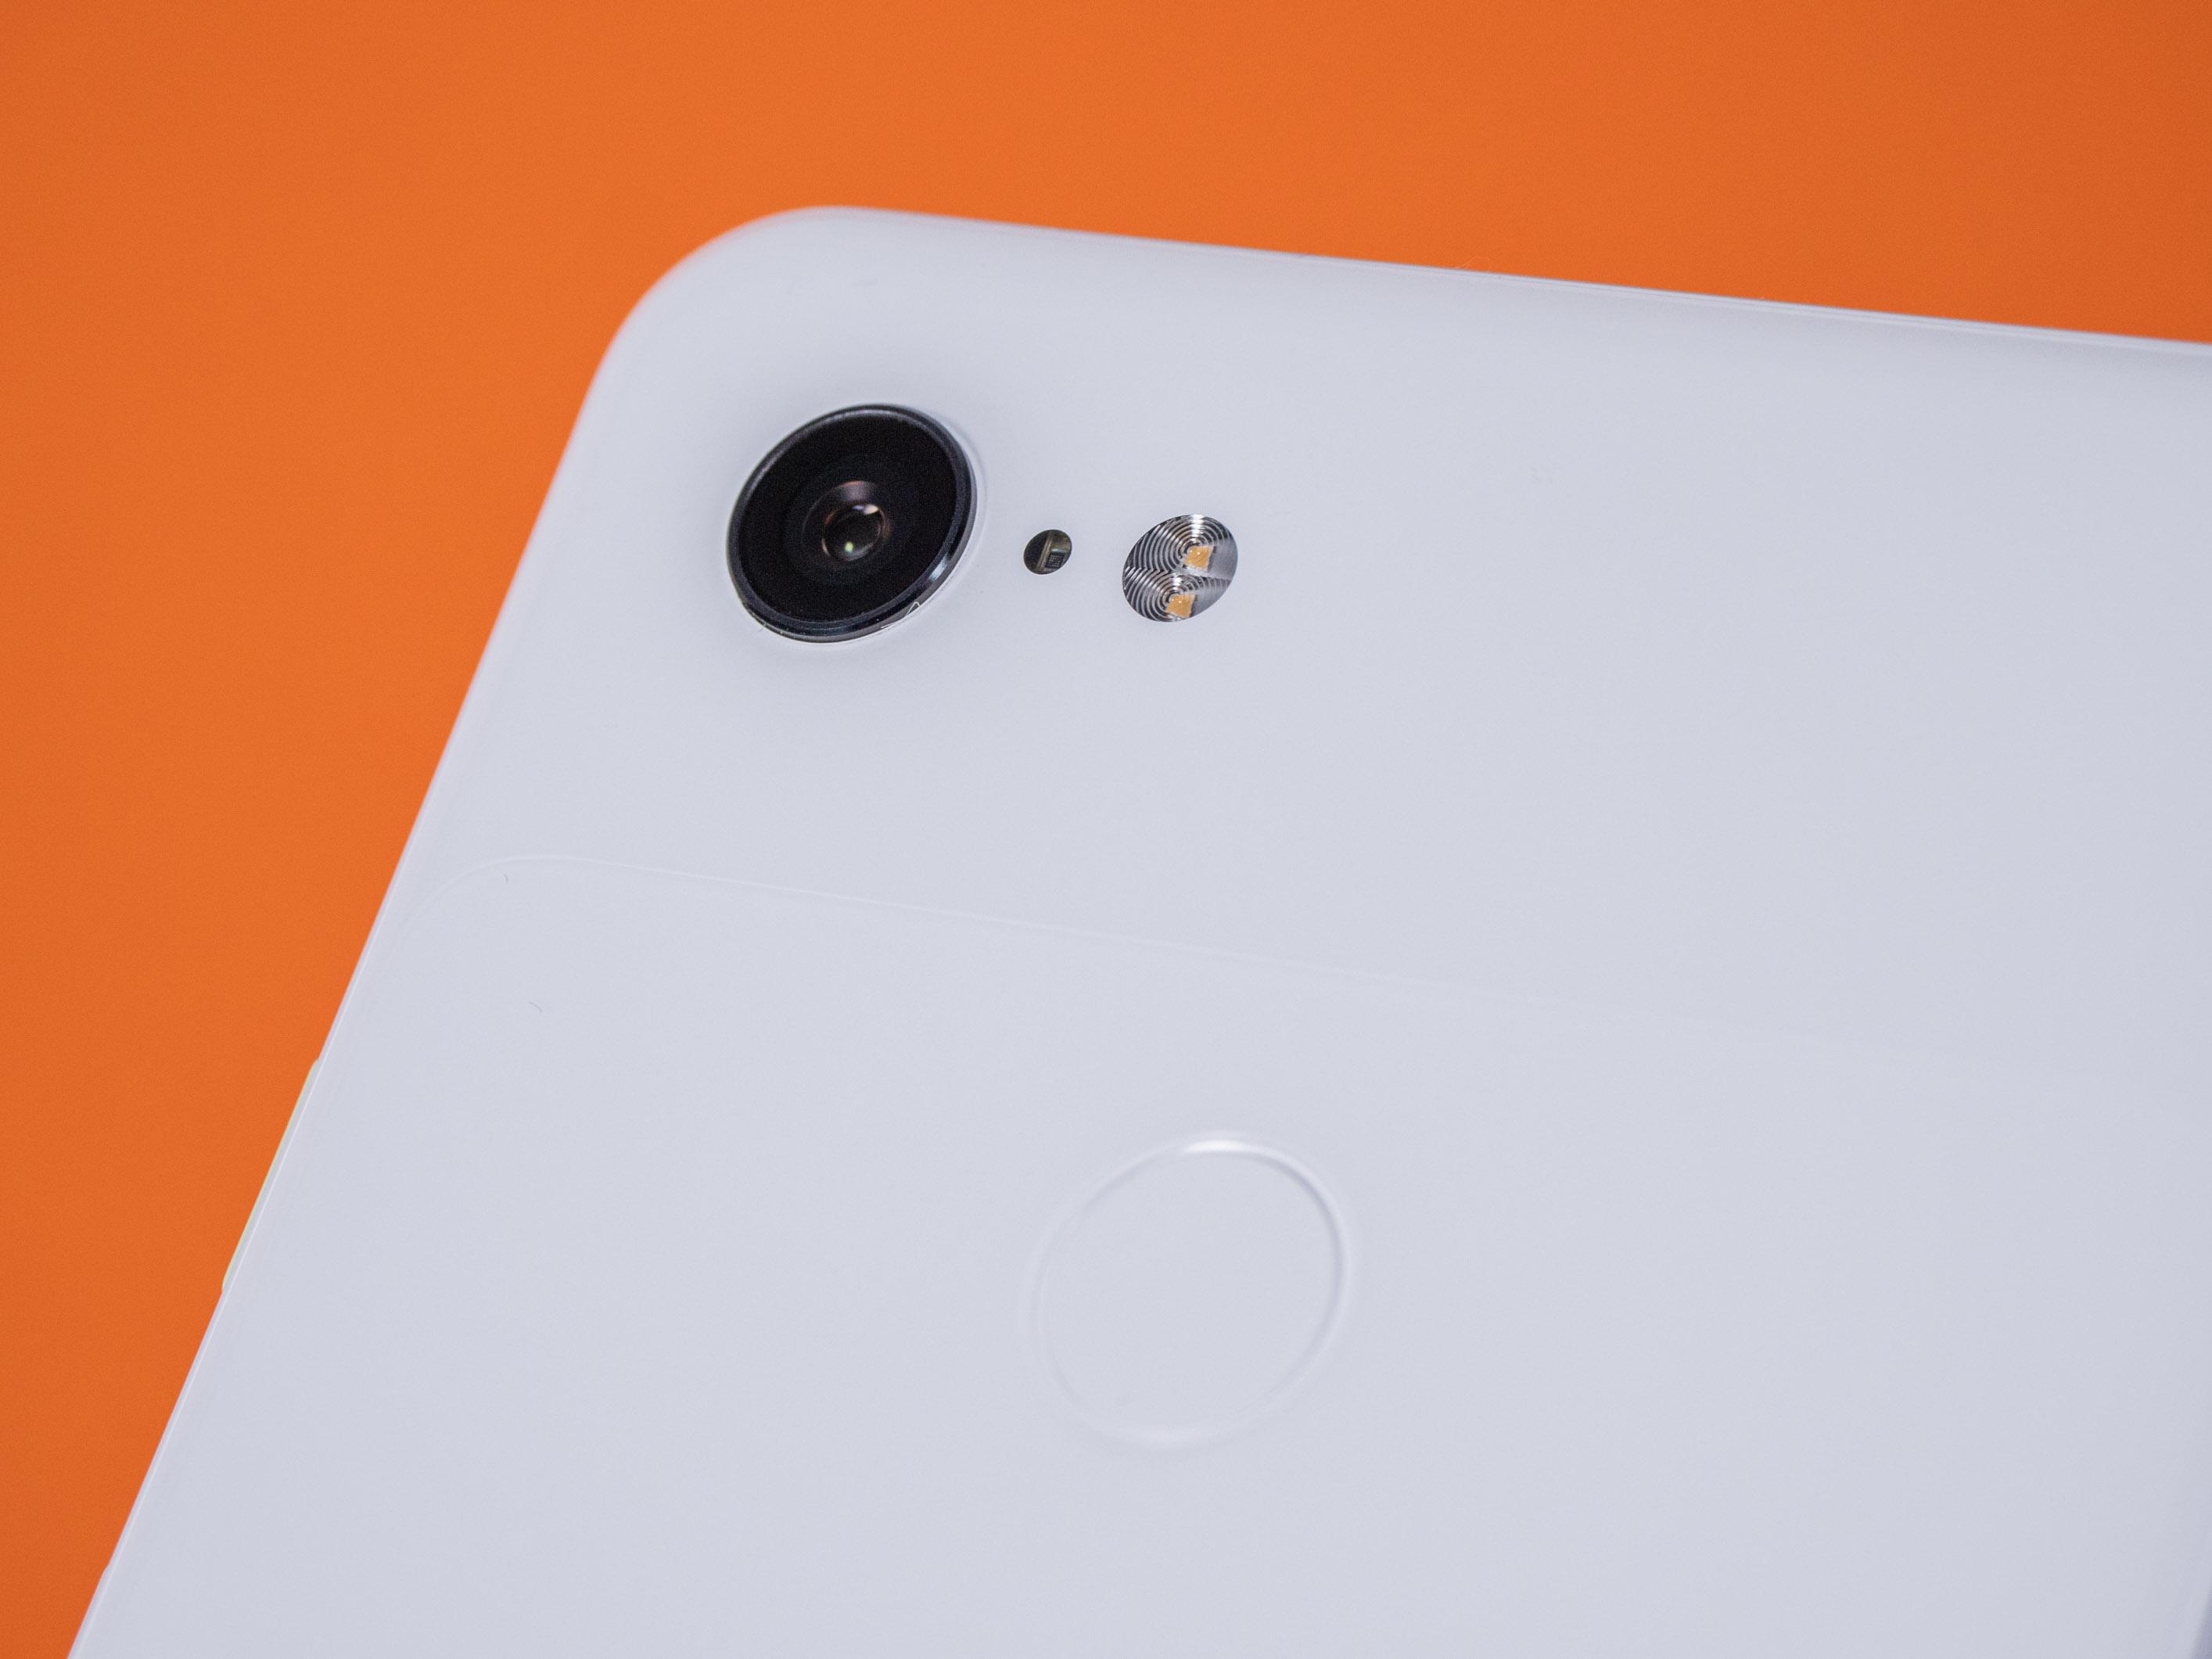 Pixel 3 XL im Test: Algorithmen können nicht alles - Die Hauptkamera hat jedoch weiterhin nur ein Objektiv. (Bild: Martin Wolf/Golem.de)